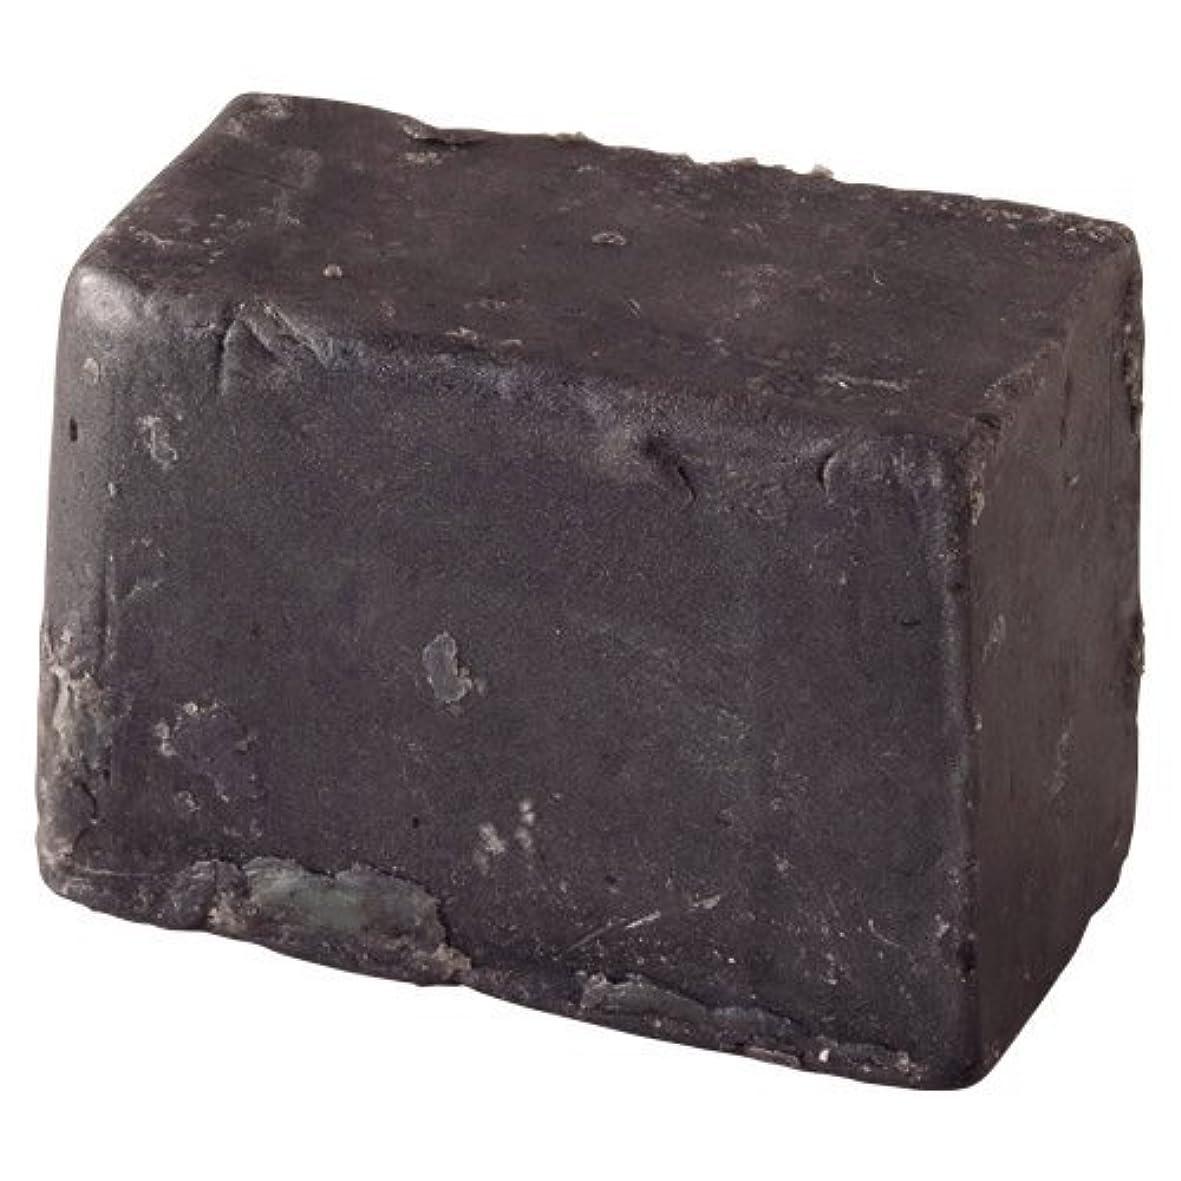 気まぐれな打ち上げるピストンラッシュ(LUSH) ブラックビューティー(100g)